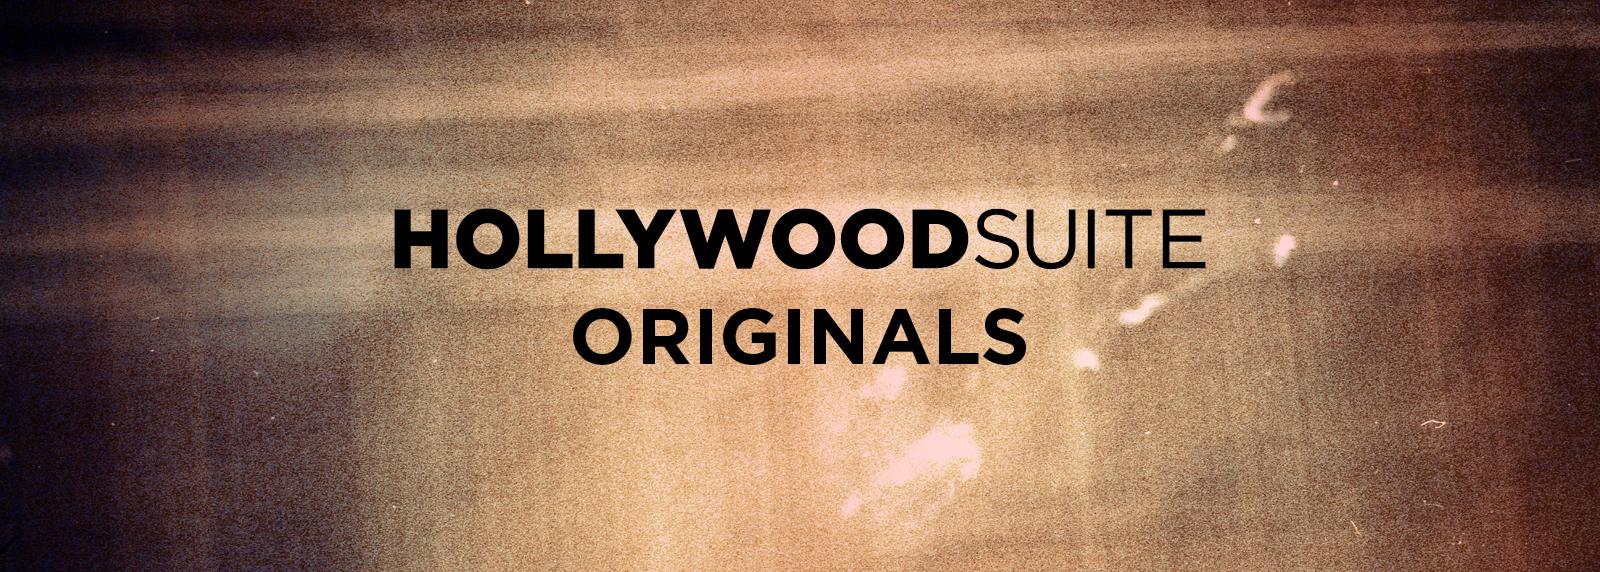 Hollywood Suite Originals